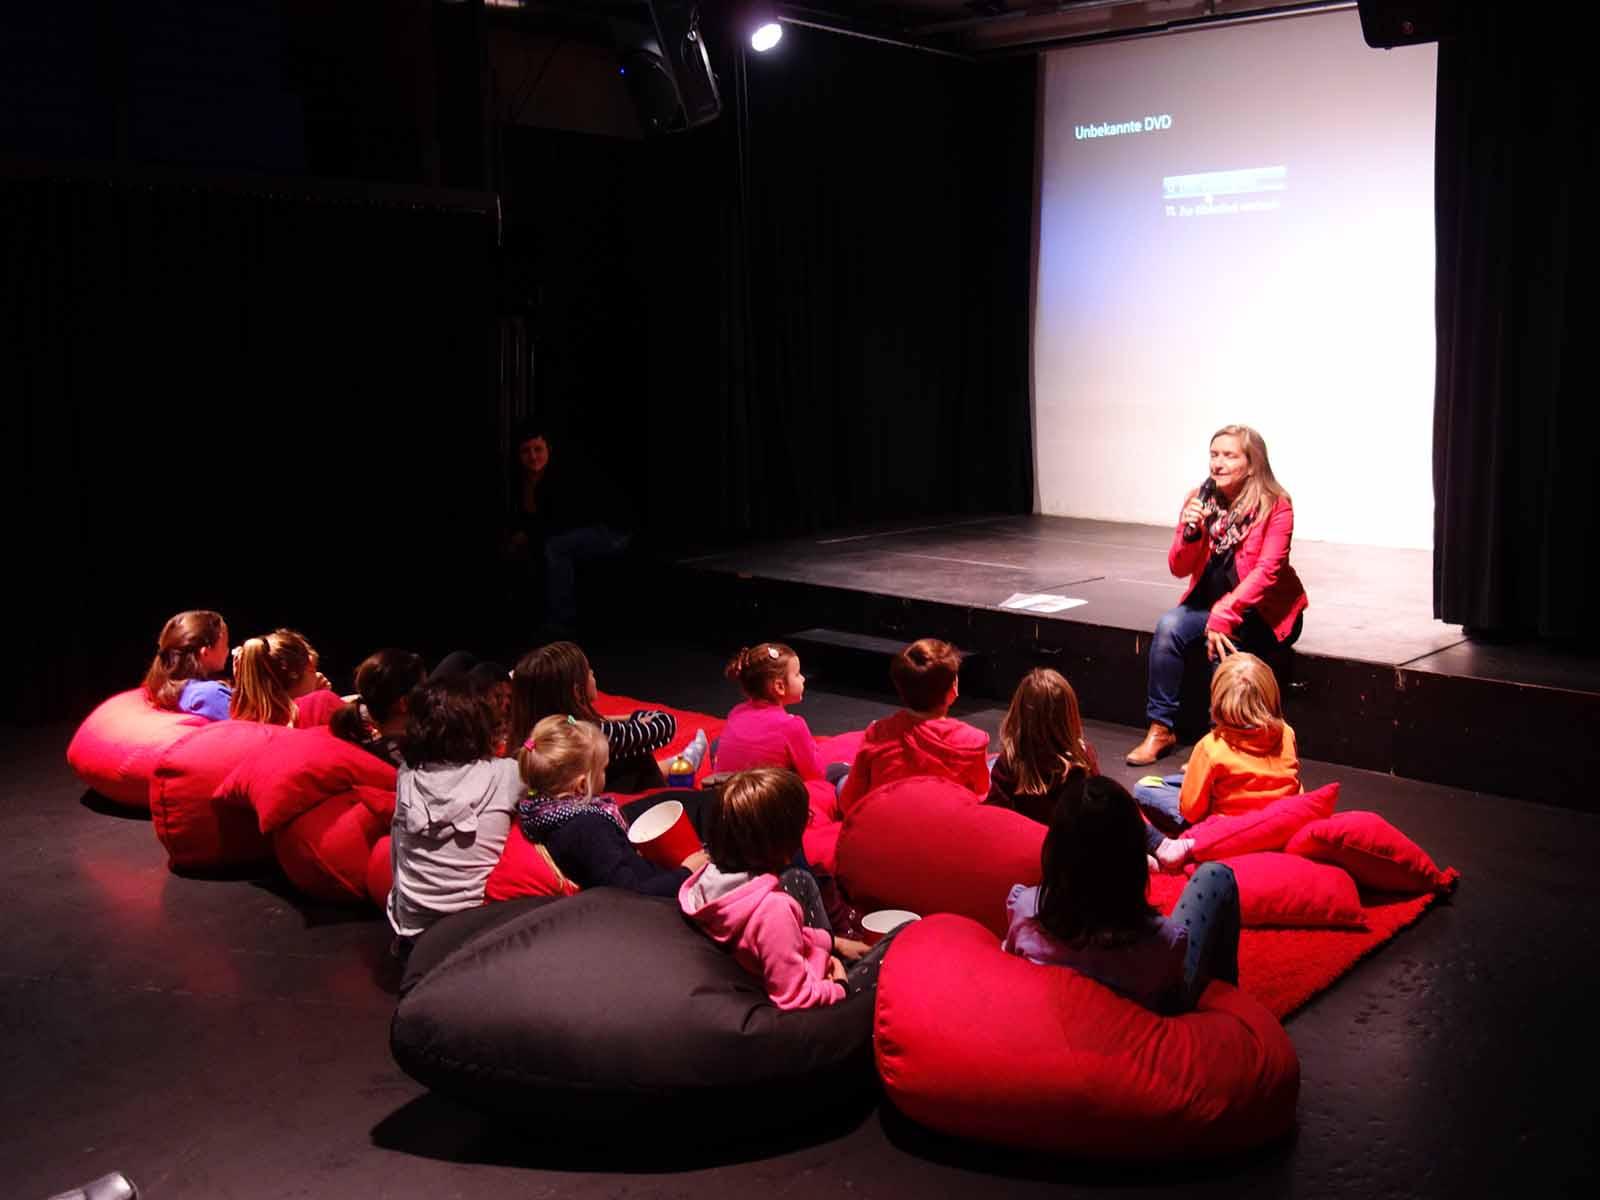 Julia Breddermann führt die Kinder nach der Filmvorführung an einzelne Filmszenen heran.